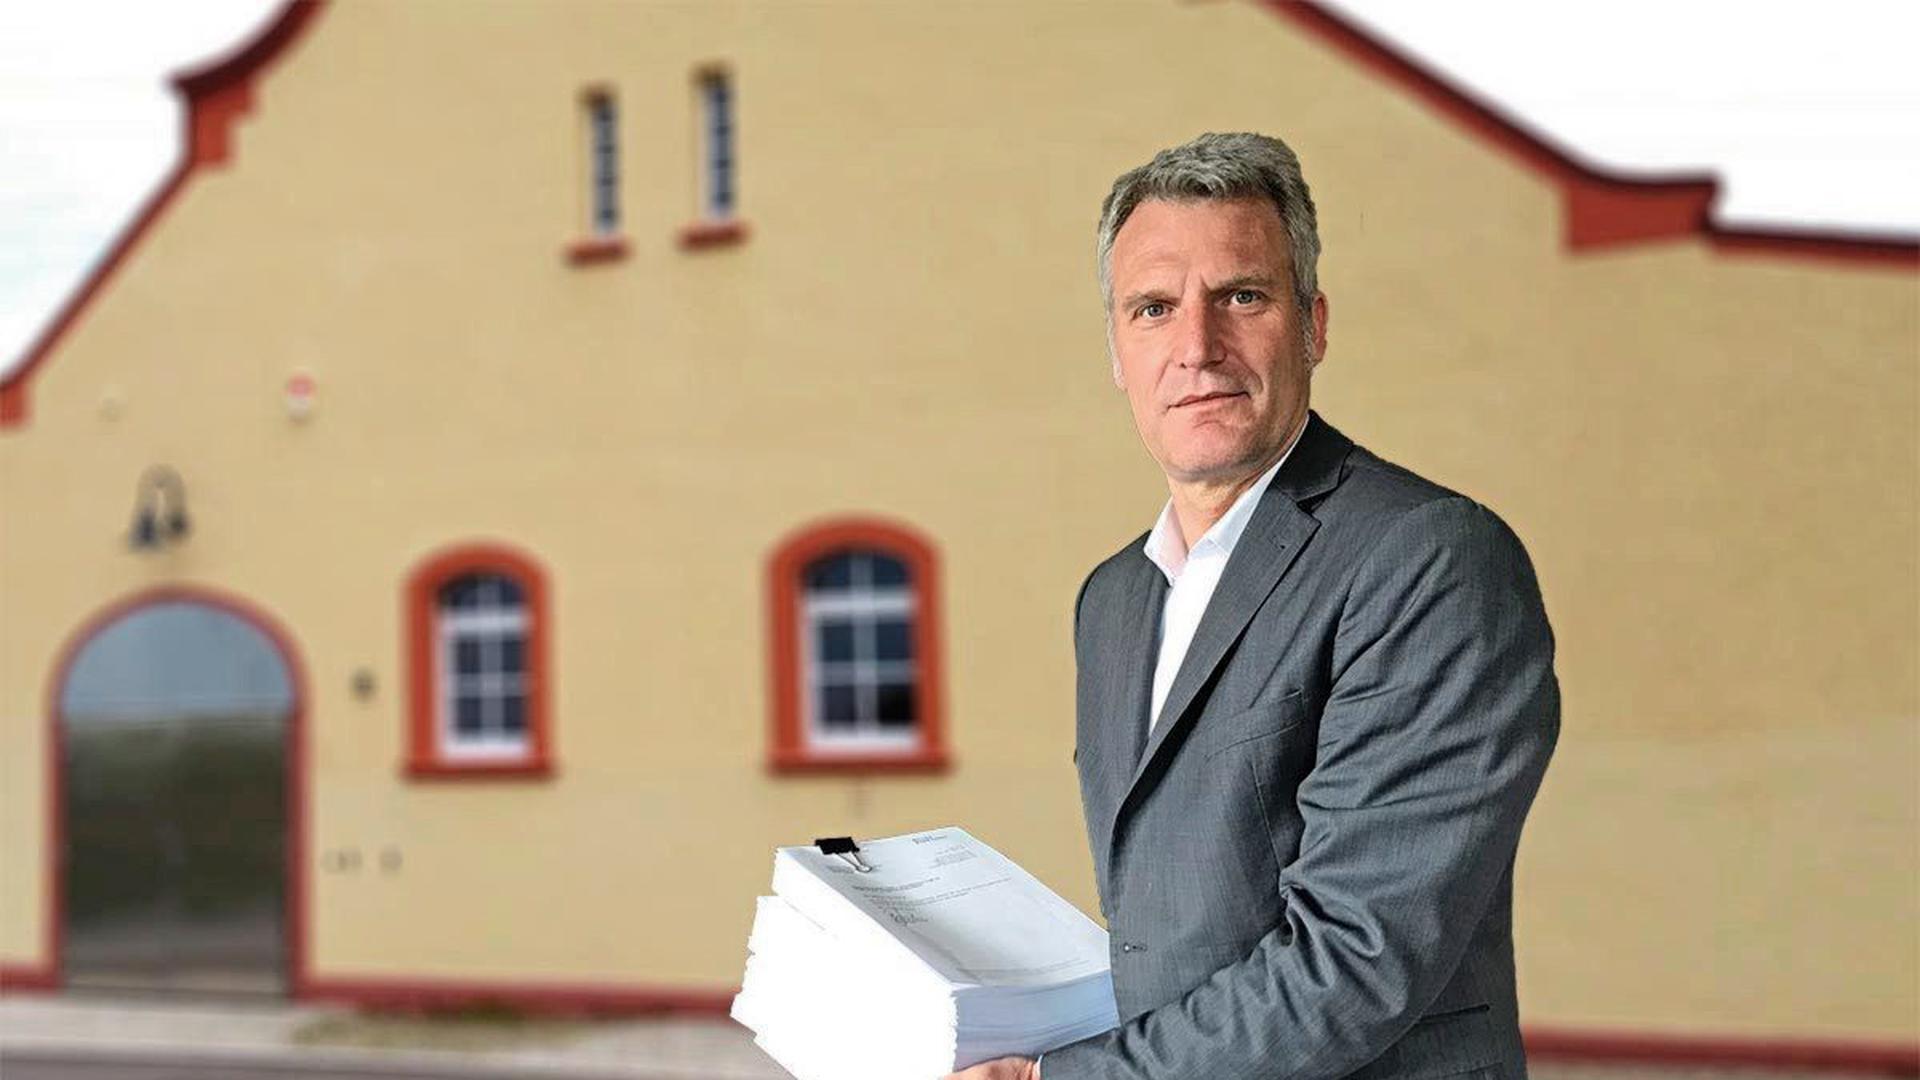 Olaf Kaspryk mit seiner Klageschrift gegen den mutmaßlichen Verursacher der PFC-Verunreinigung.